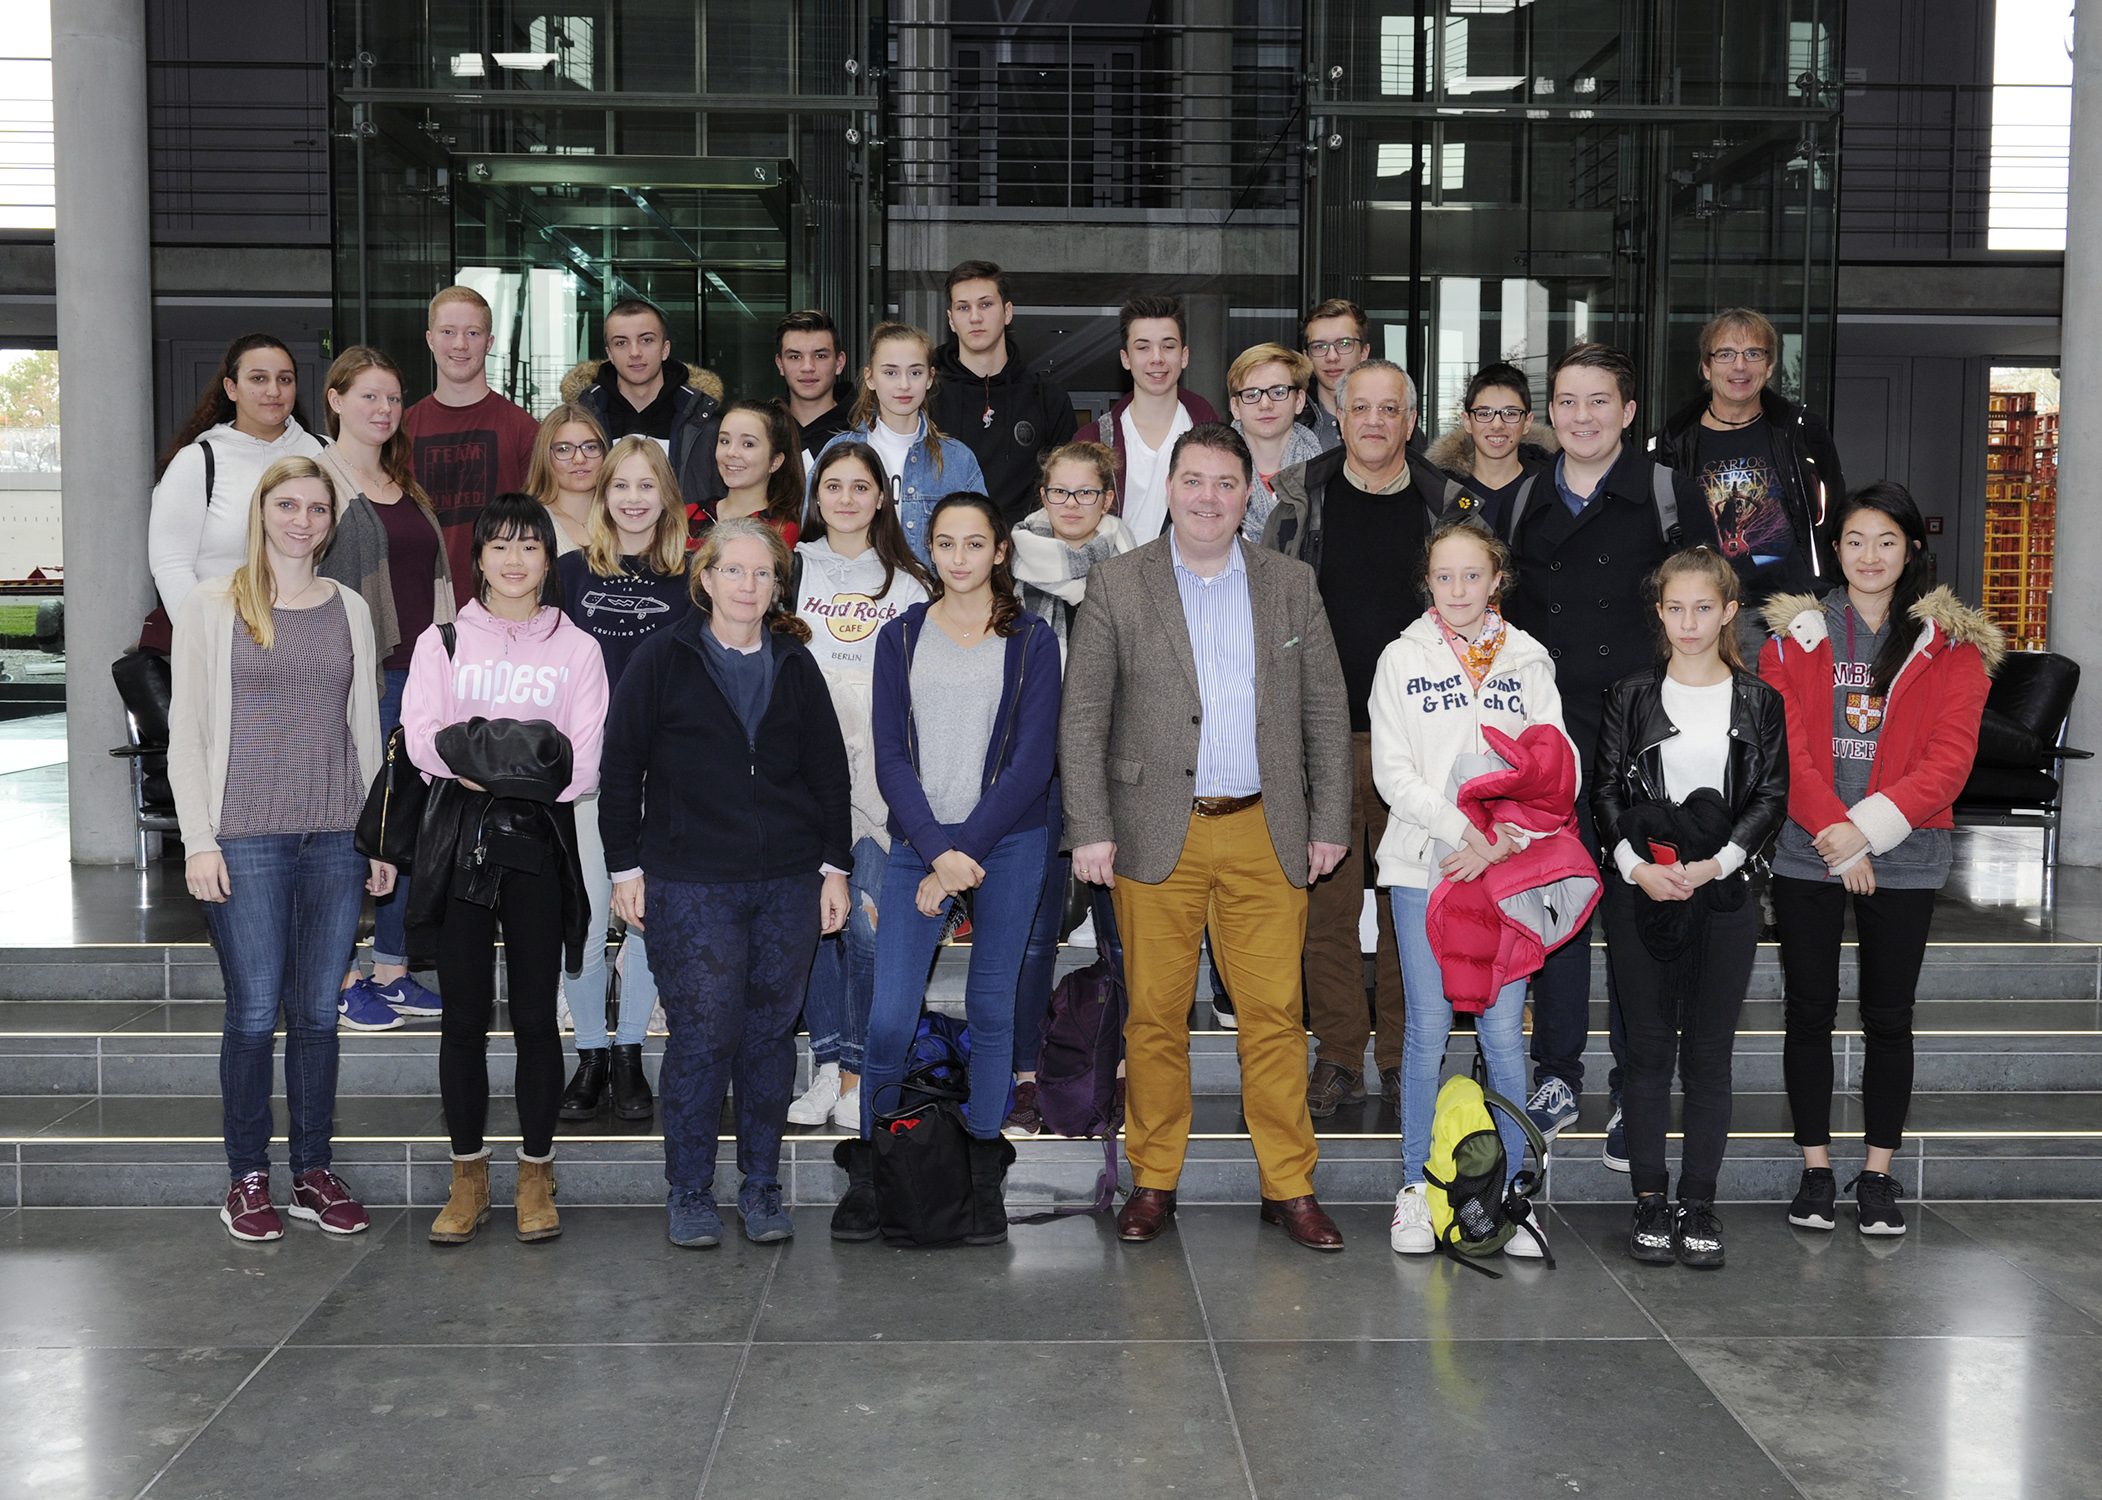 Jugendzentrum Oase – Berlin unter- und oberirdisch